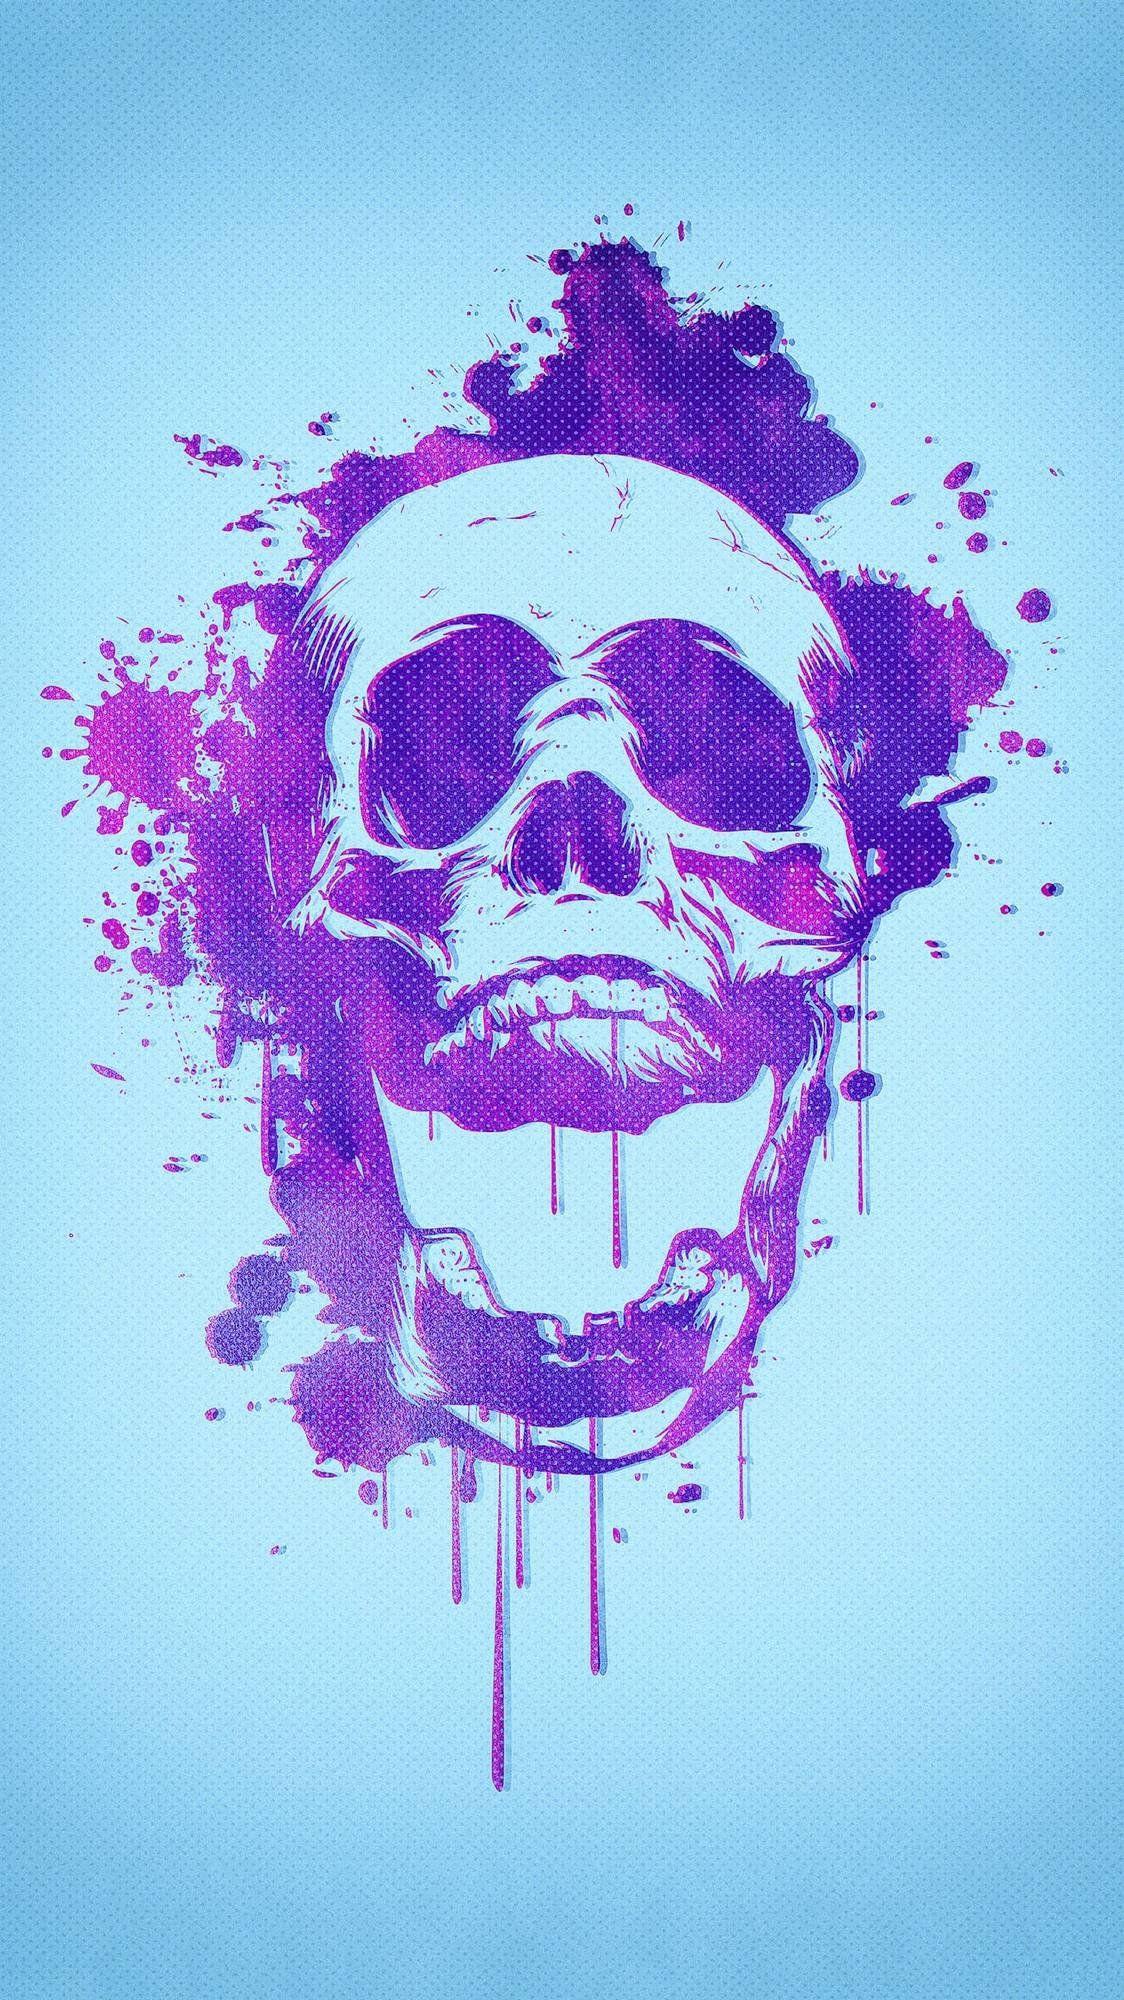 Skull By Philipp Rietz Mobilewallpaper Skull Wallpaper Skull Wallpaper Iphone Phone Wallpaper